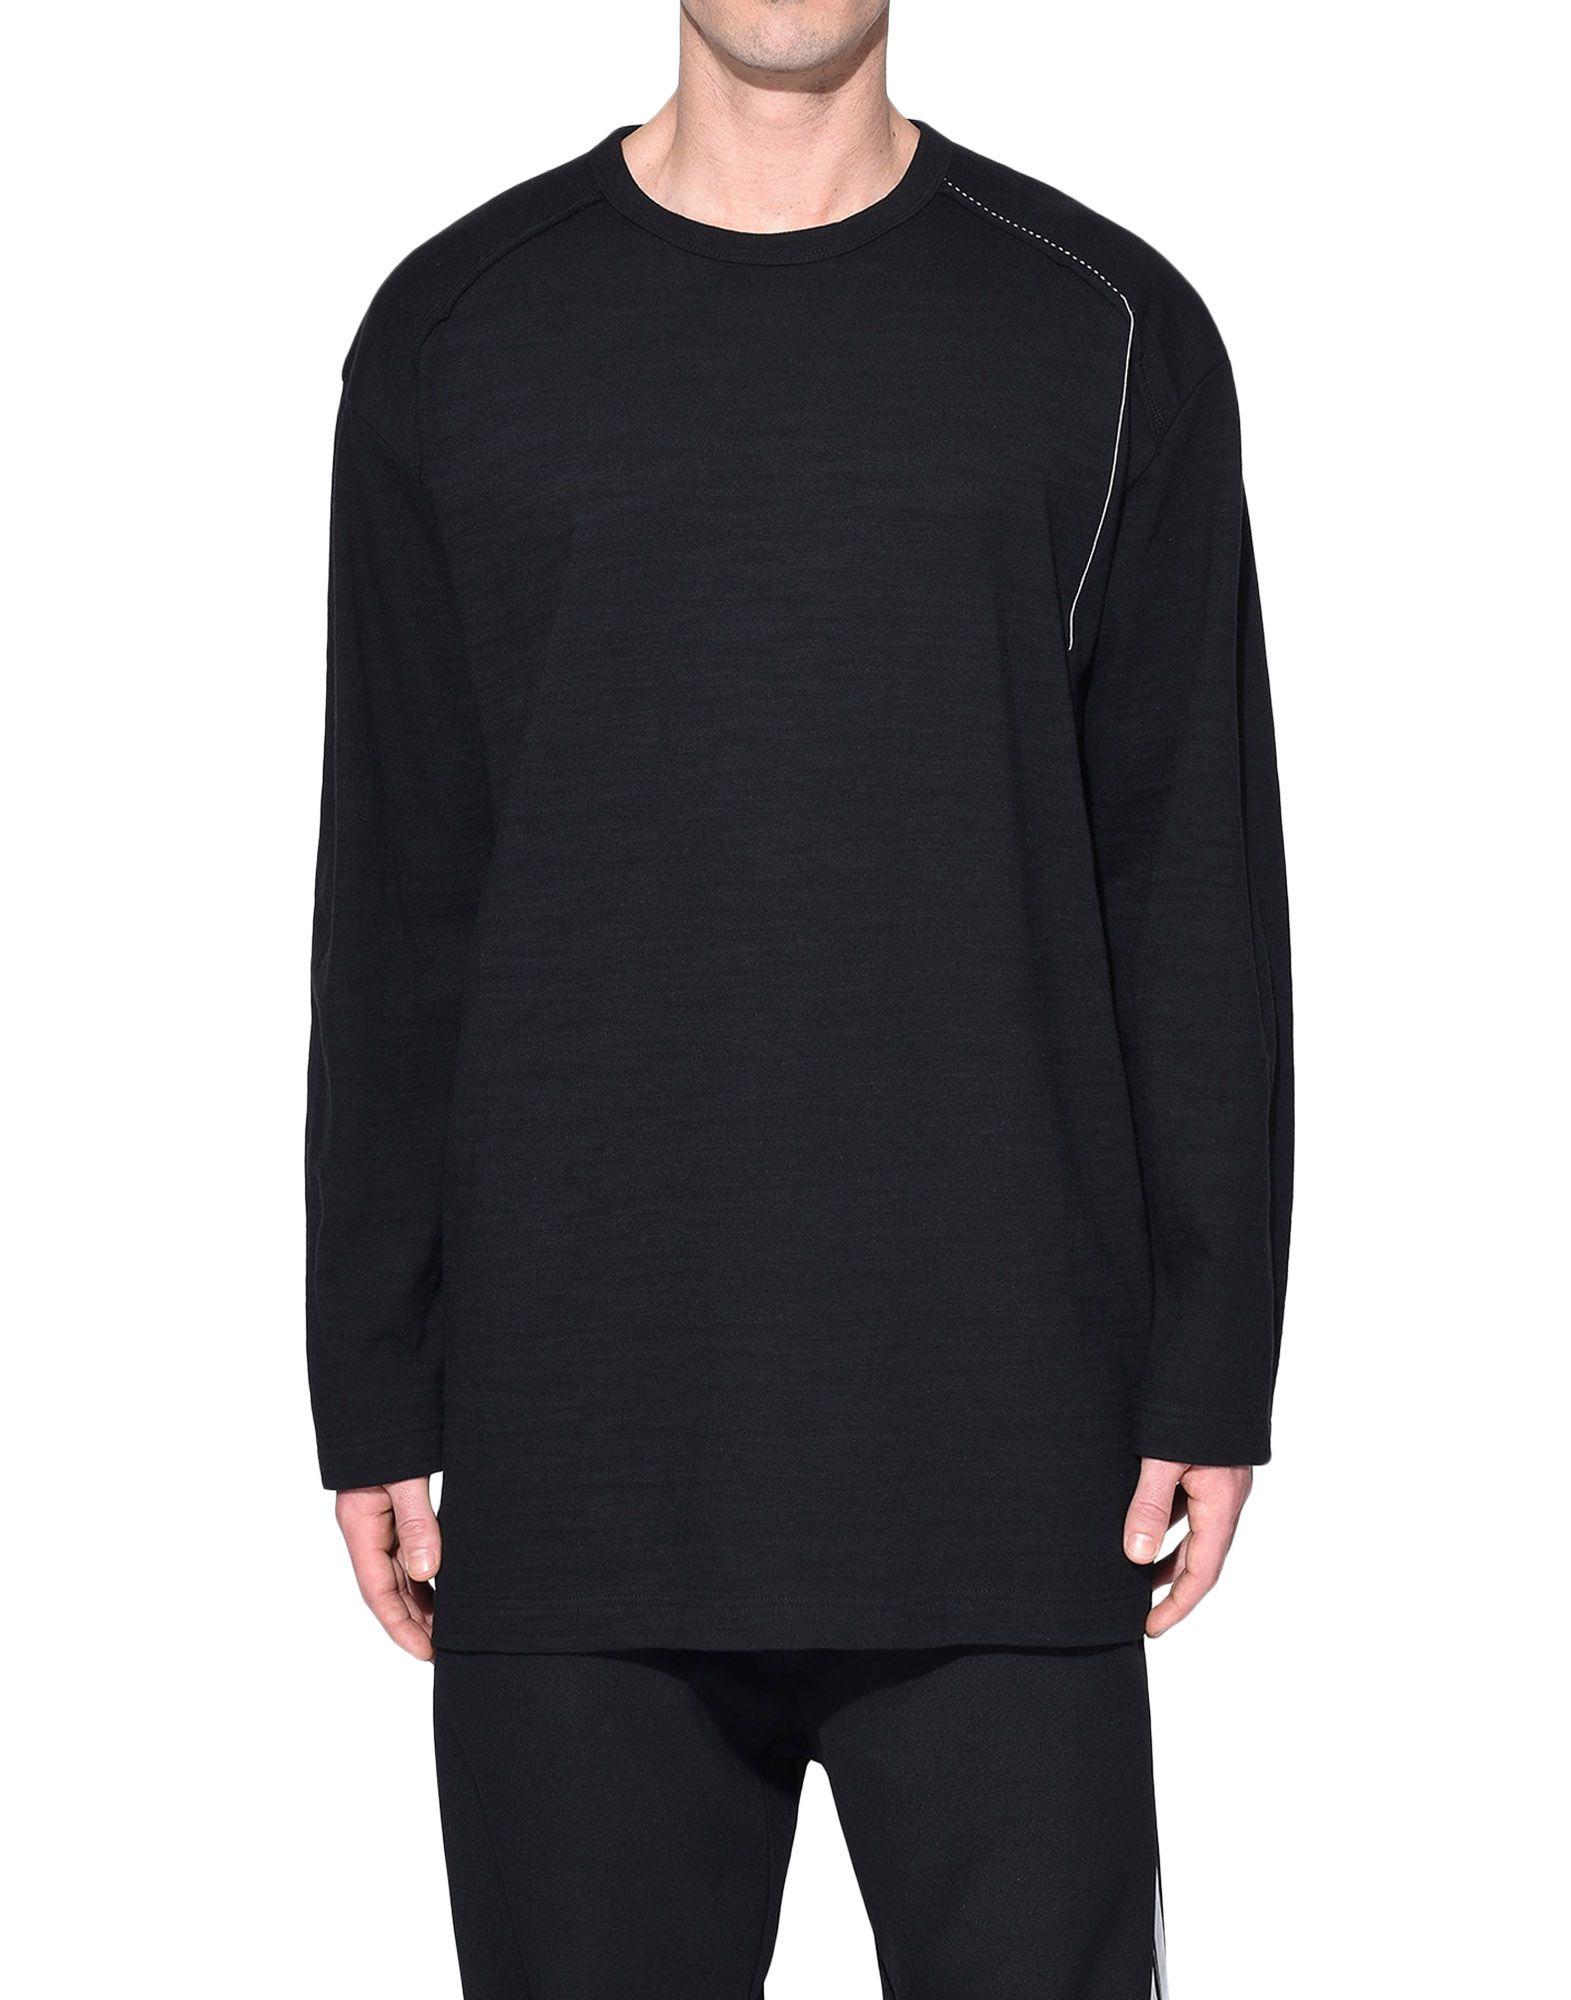 Y-3 Y-3 Sashiko Tee Long sleeve t-shirt Man r